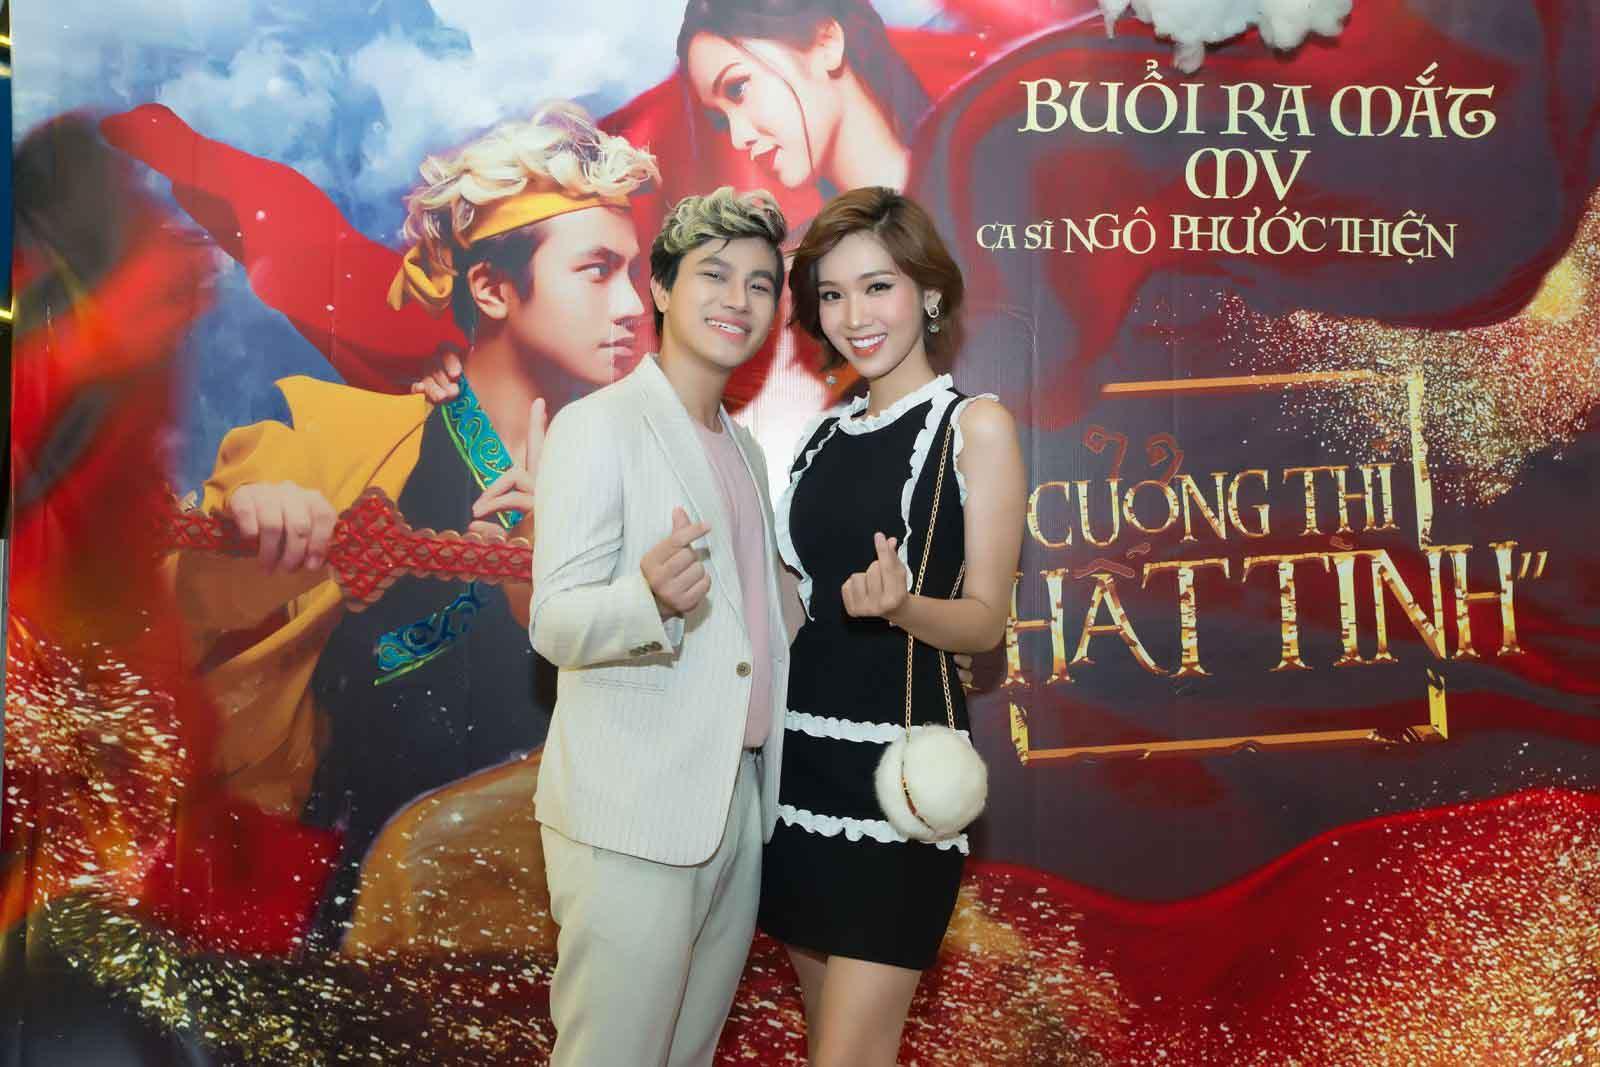 Đỗ Nhật Hà tiết lộ lý do hợp tác cùng ca sĩ Ngô Phước Thiện